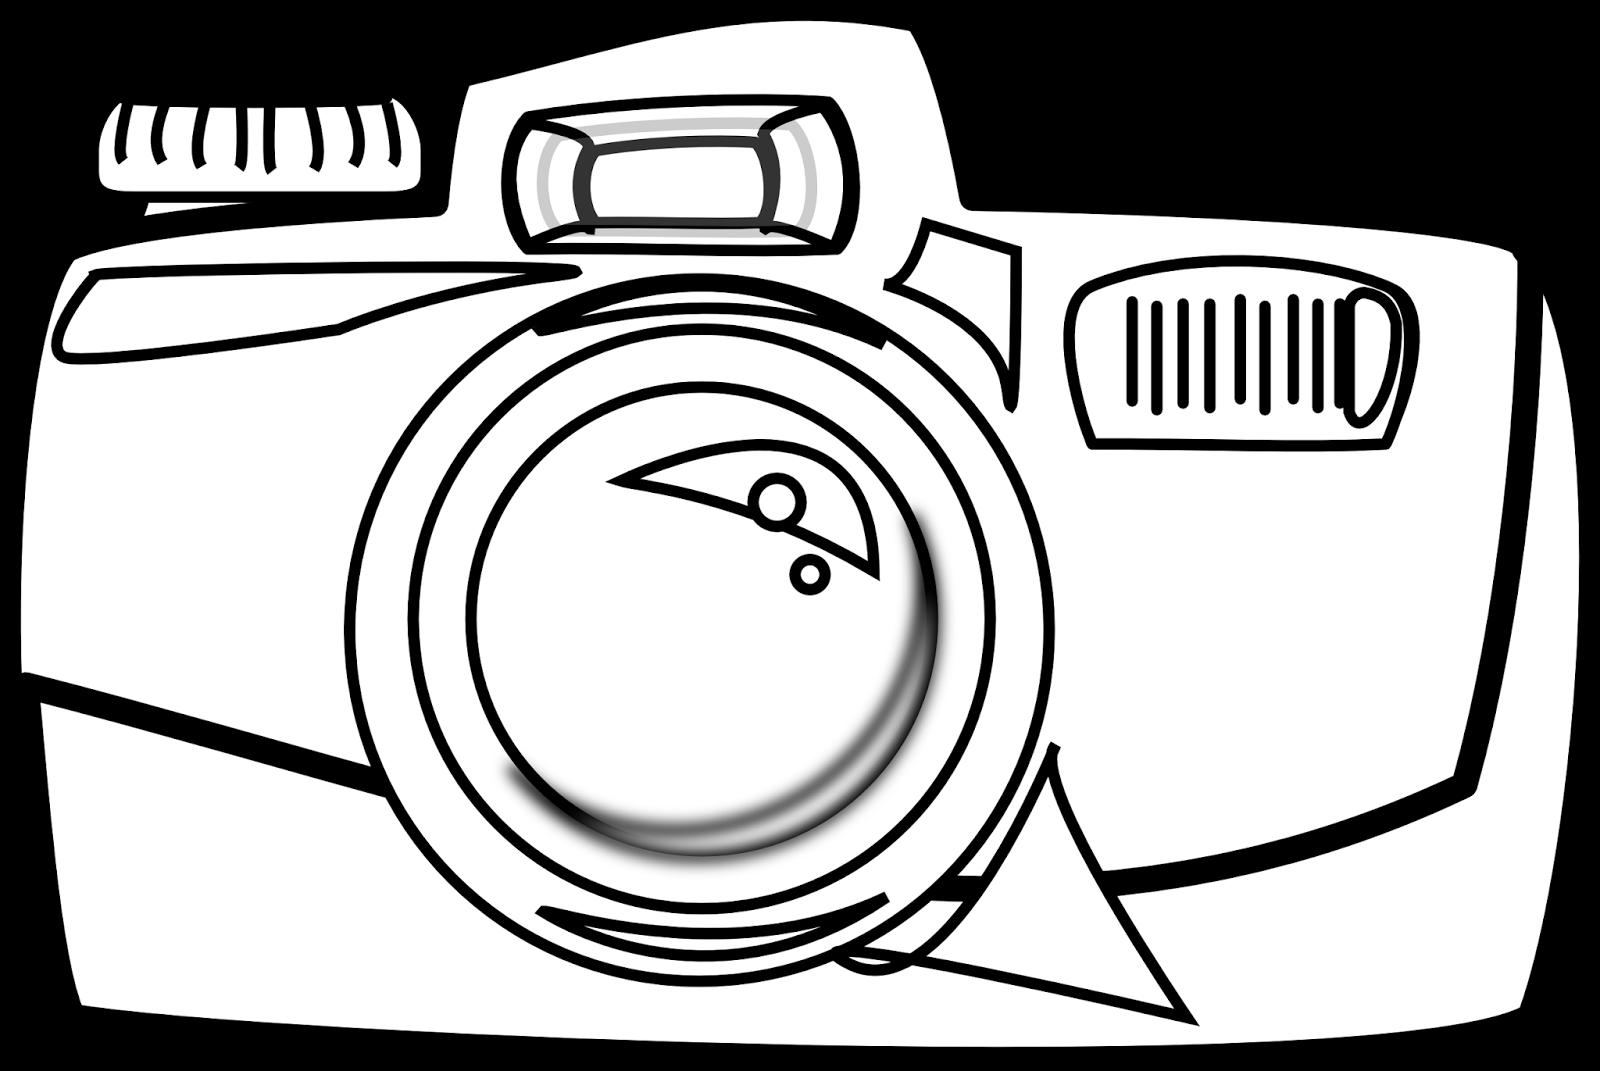 Hand clipart camera. Cartoon drawing at getdrawings